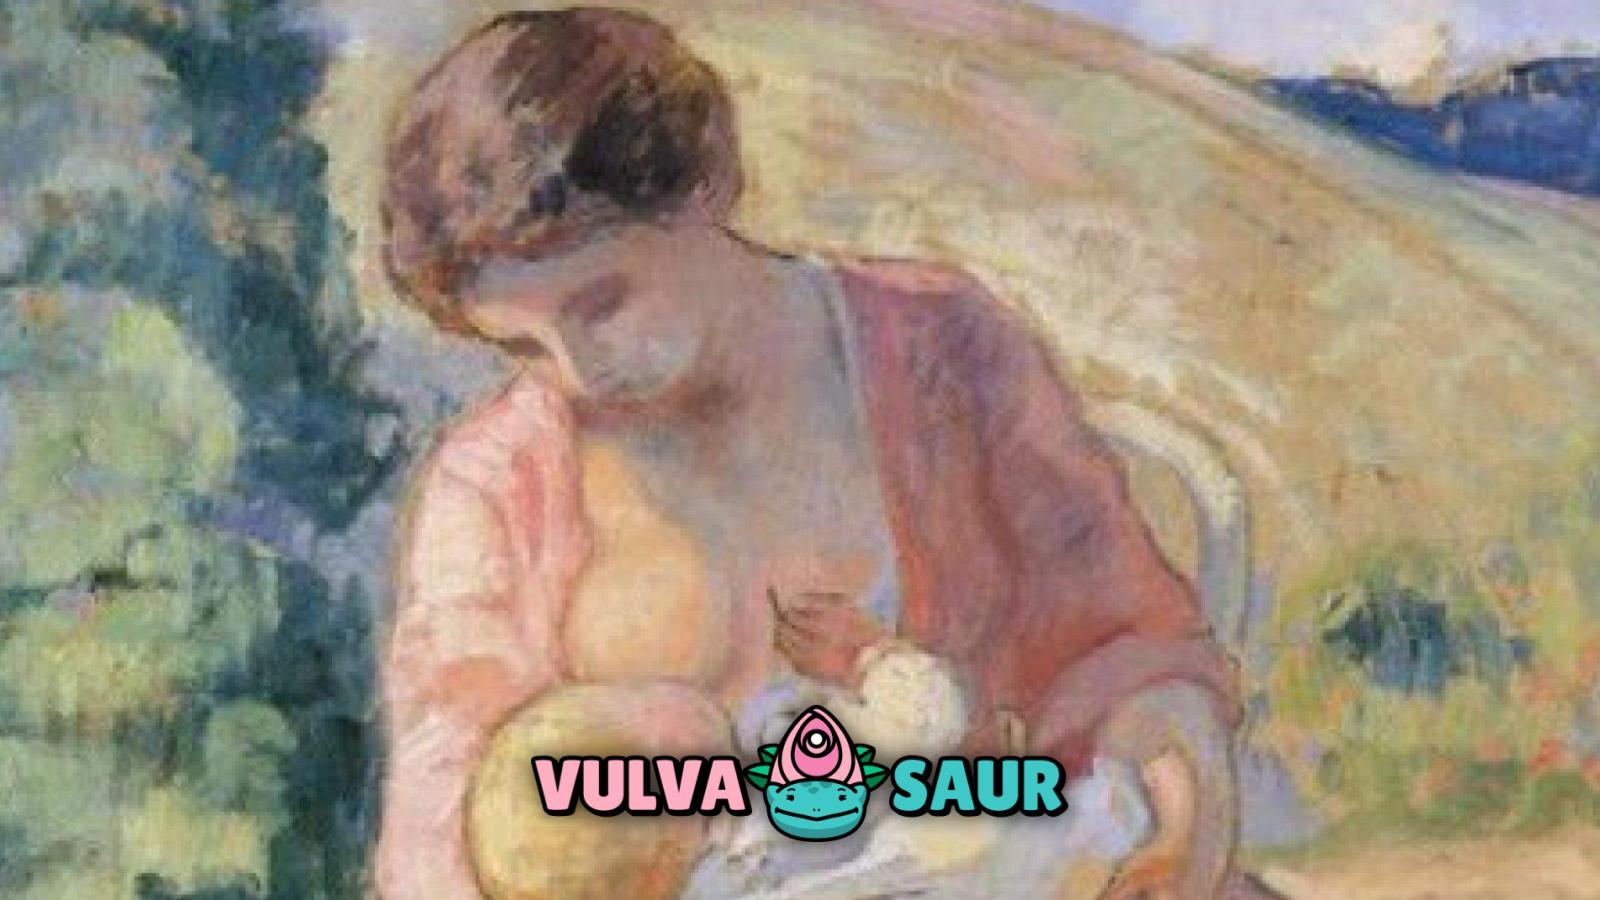 vulvasaur, lactancia, feminismo